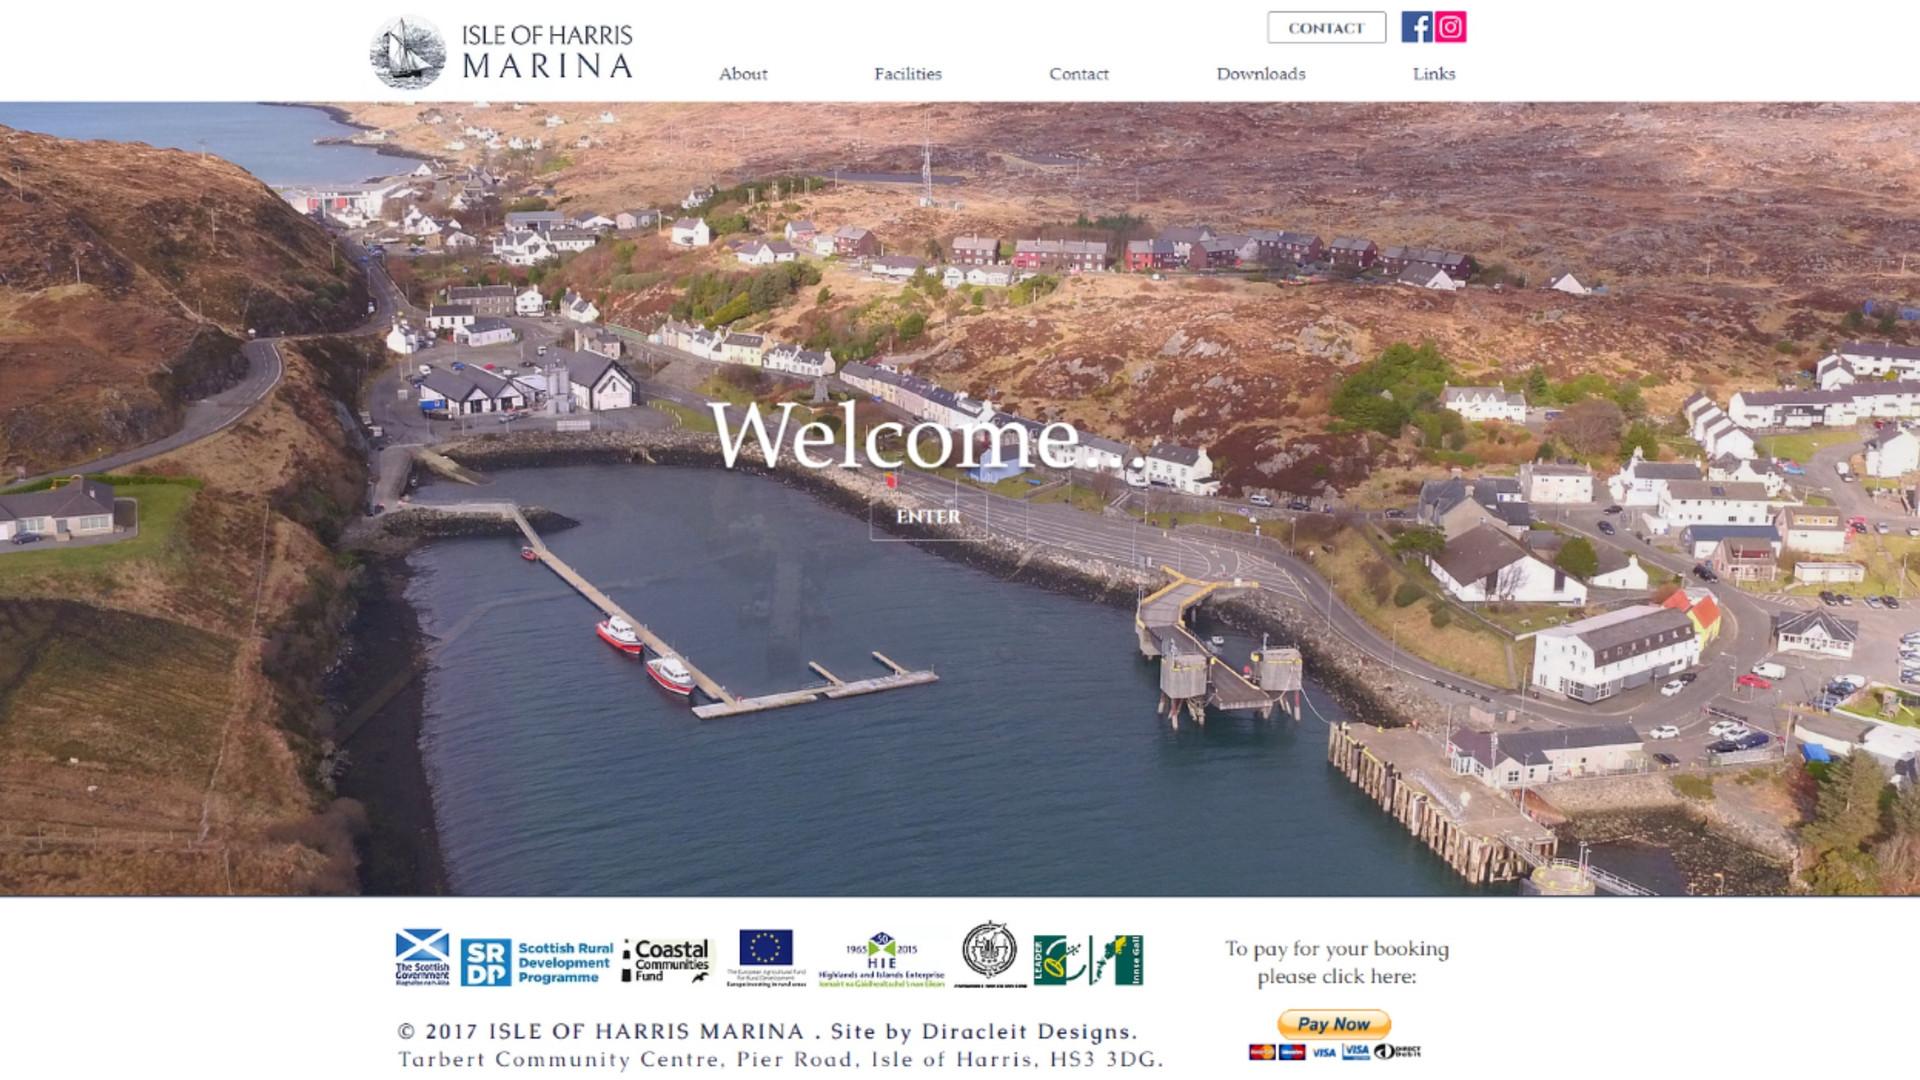 Isle of Harris Marina - Website